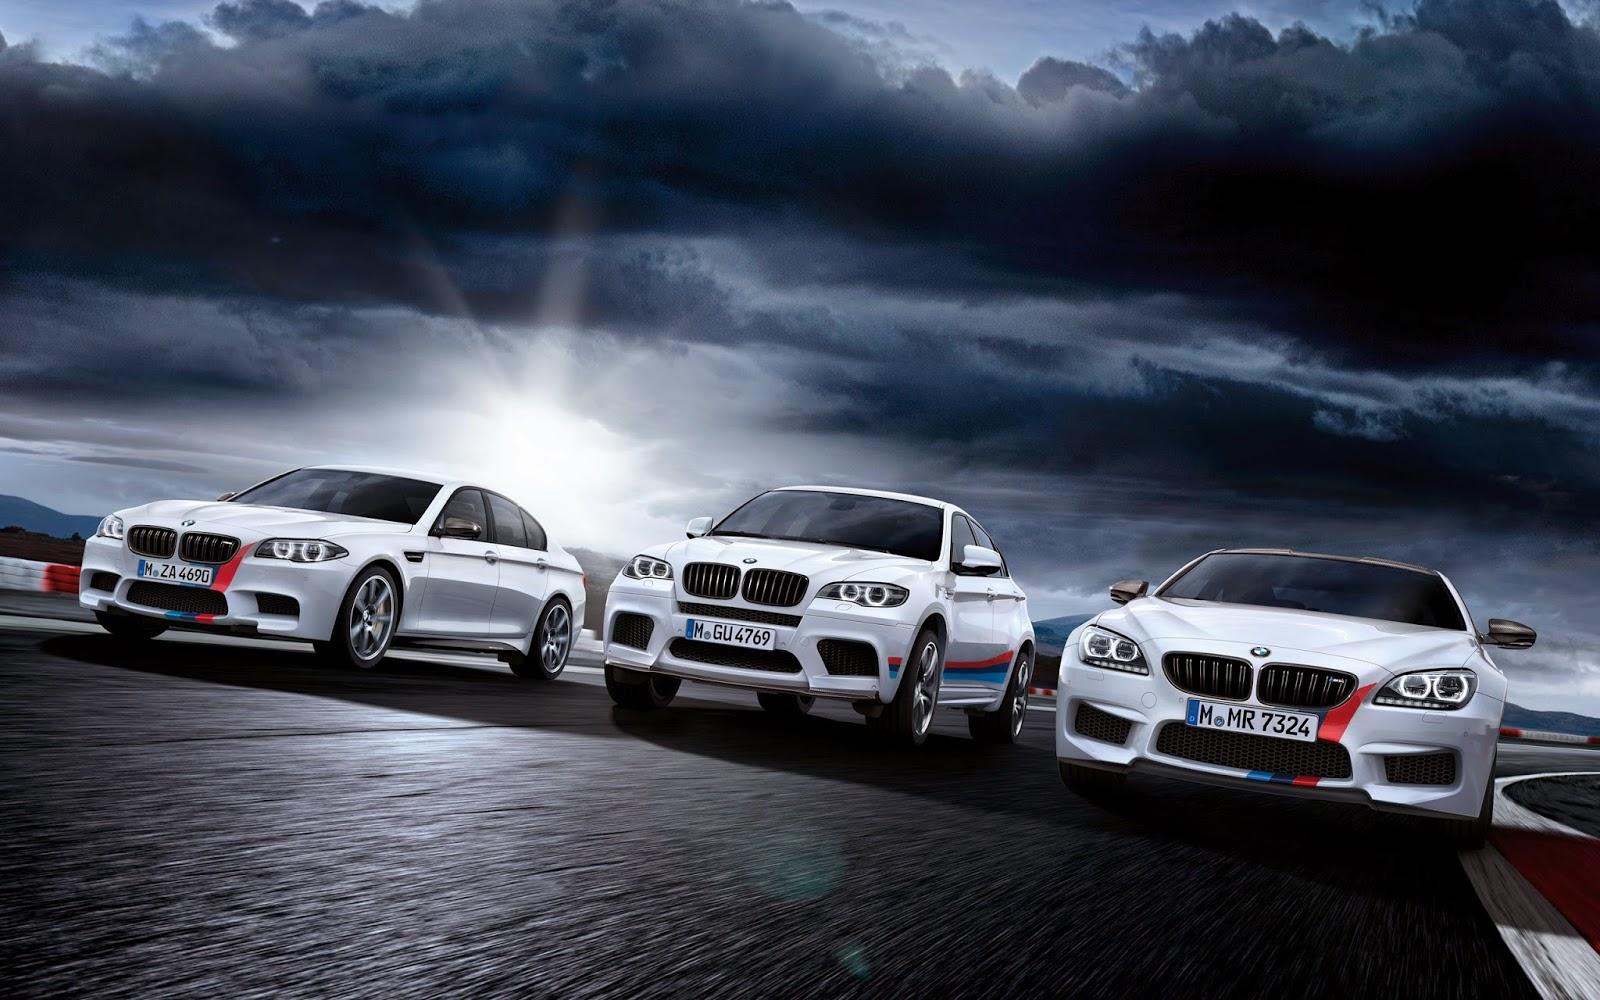 """<img src=""""http://1.bp.blogspot.com/-837kw5-OQTA/UzM0rux1SqI/AAAAAAAALOE/TVMS2CQYXrs/s1600/bmw-2013-wallpaper.jpg"""" alt=""""BMW Wallpapers"""" />"""